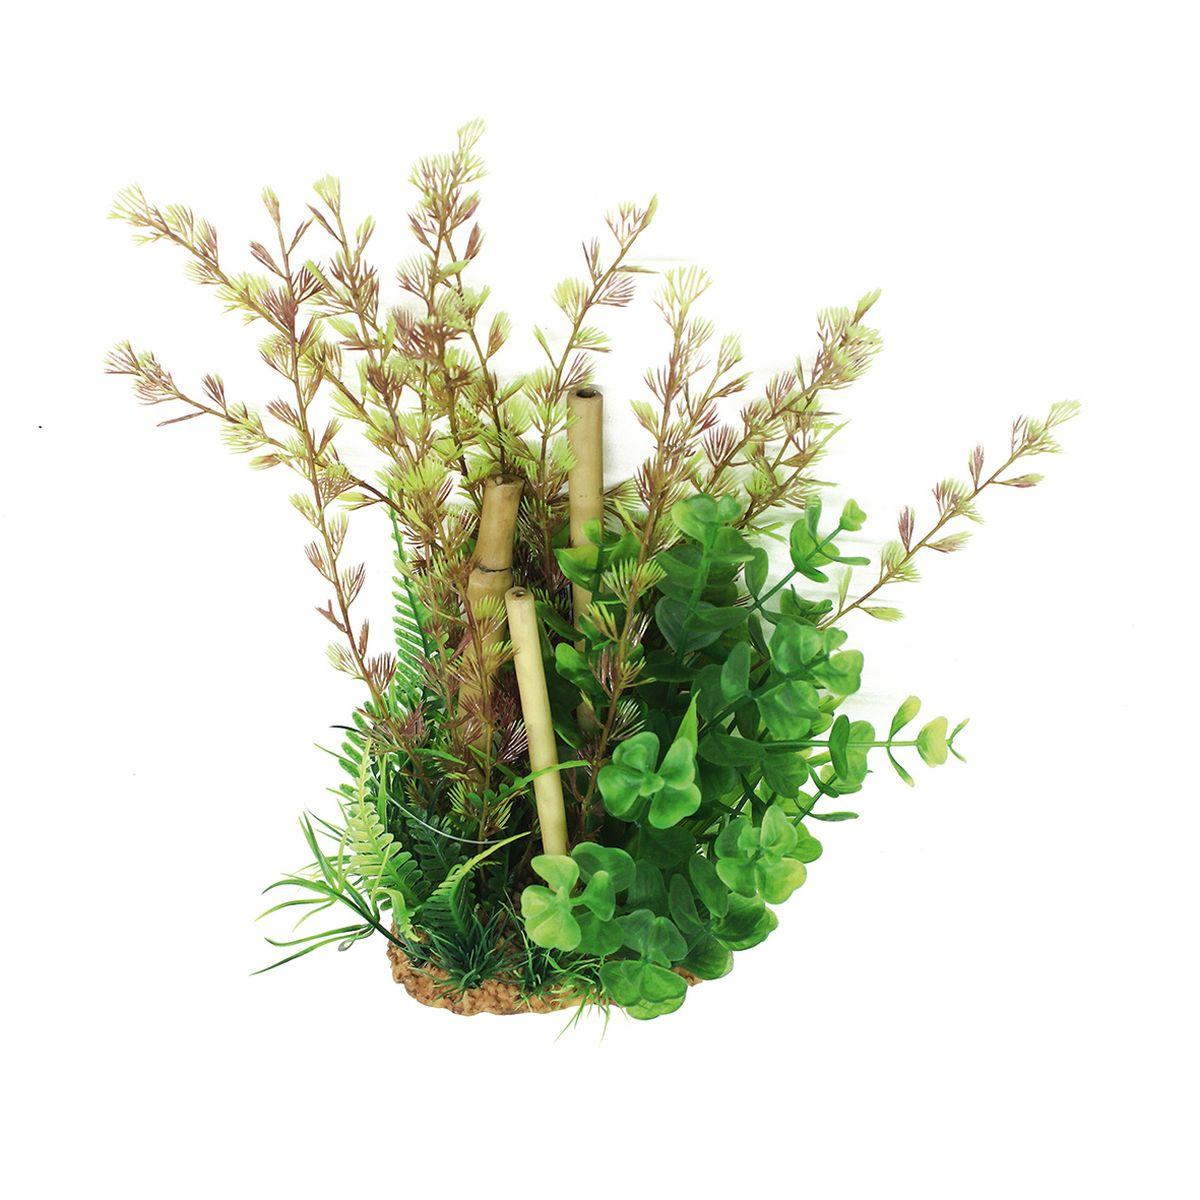 Композиция из растений для аквариума ArtUniq Кабомба с бамбуком, высота 20 см0120710Композиция из растений для аквариума ArtUniq Кабомба с бамбуком, высота 20 см